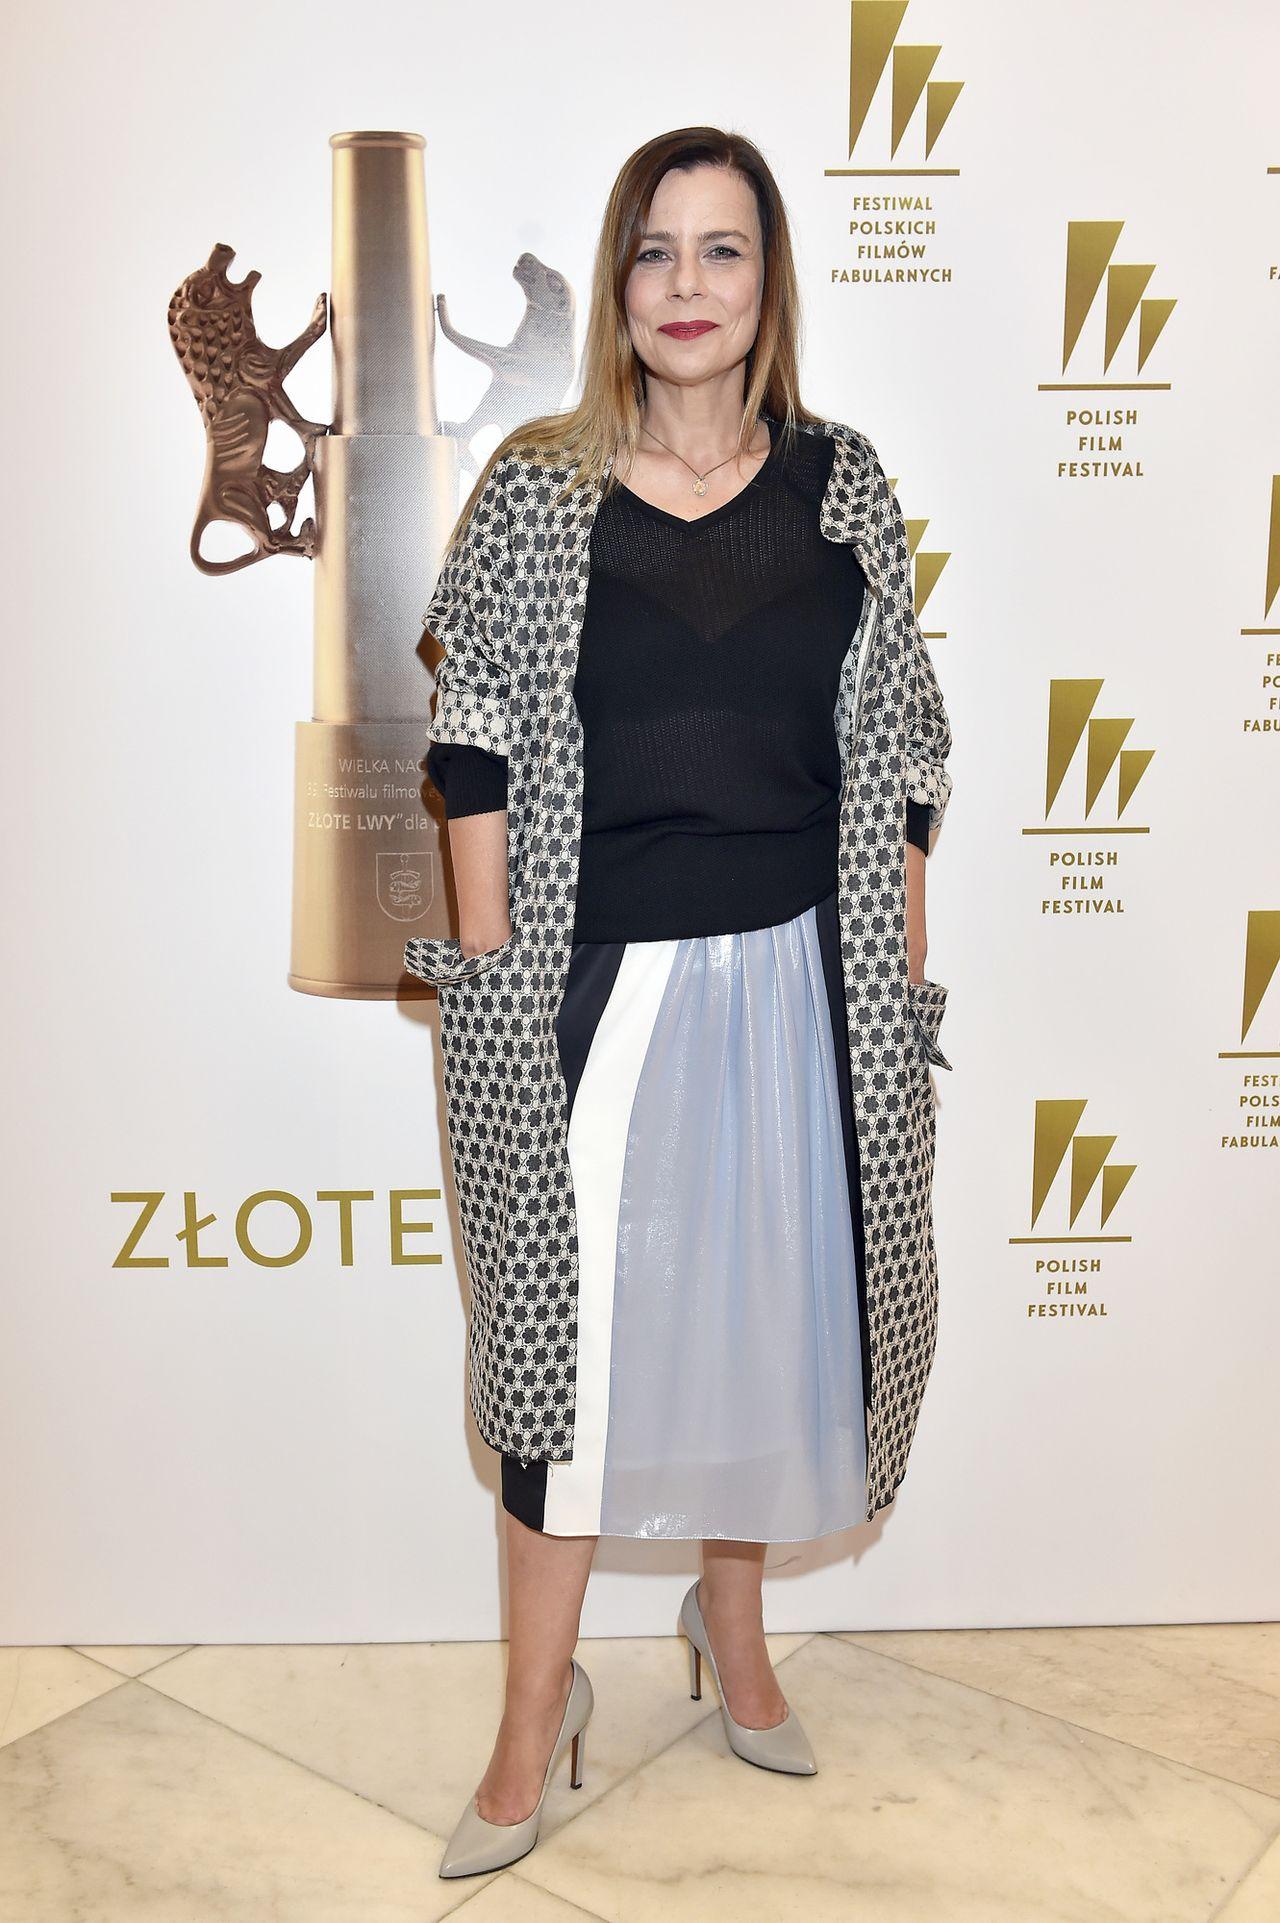 PRAWDZIWE gwiazdy za kulisami i na ściankach Festiwalu Filmowego w Gdyni (ZDJĘCI